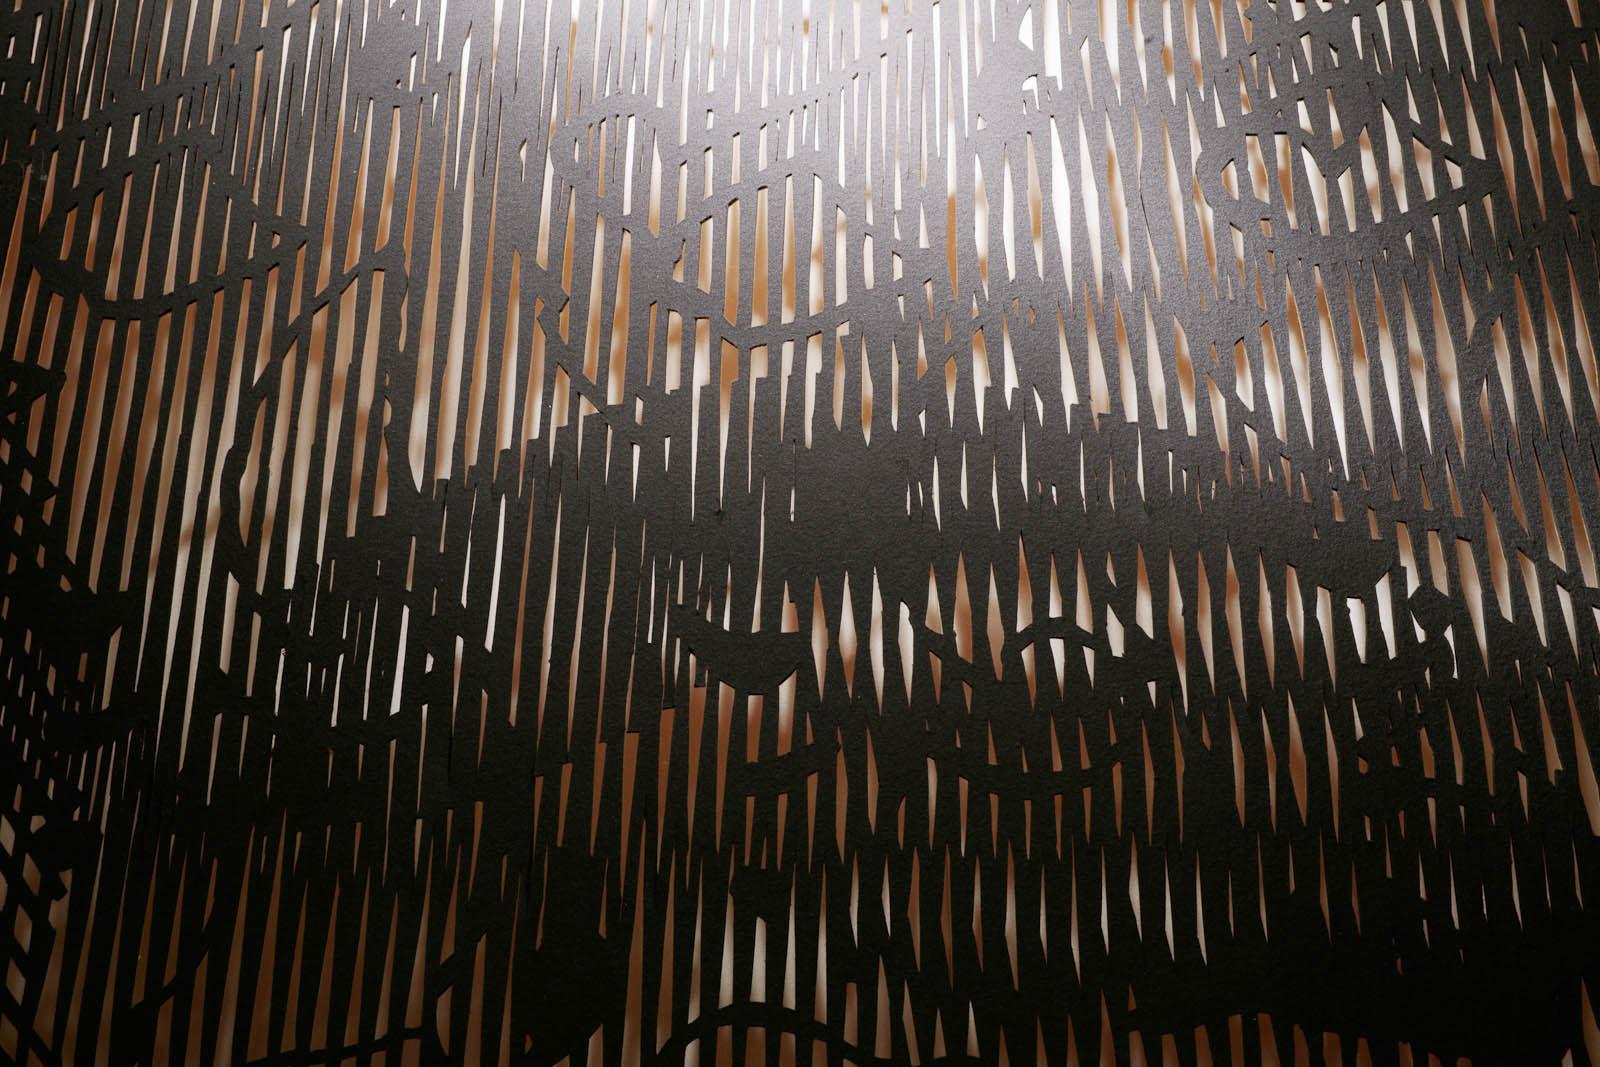 Detalj. Utskuret mönster i svart material. May Bente Aronsen, Lyssnande vägg